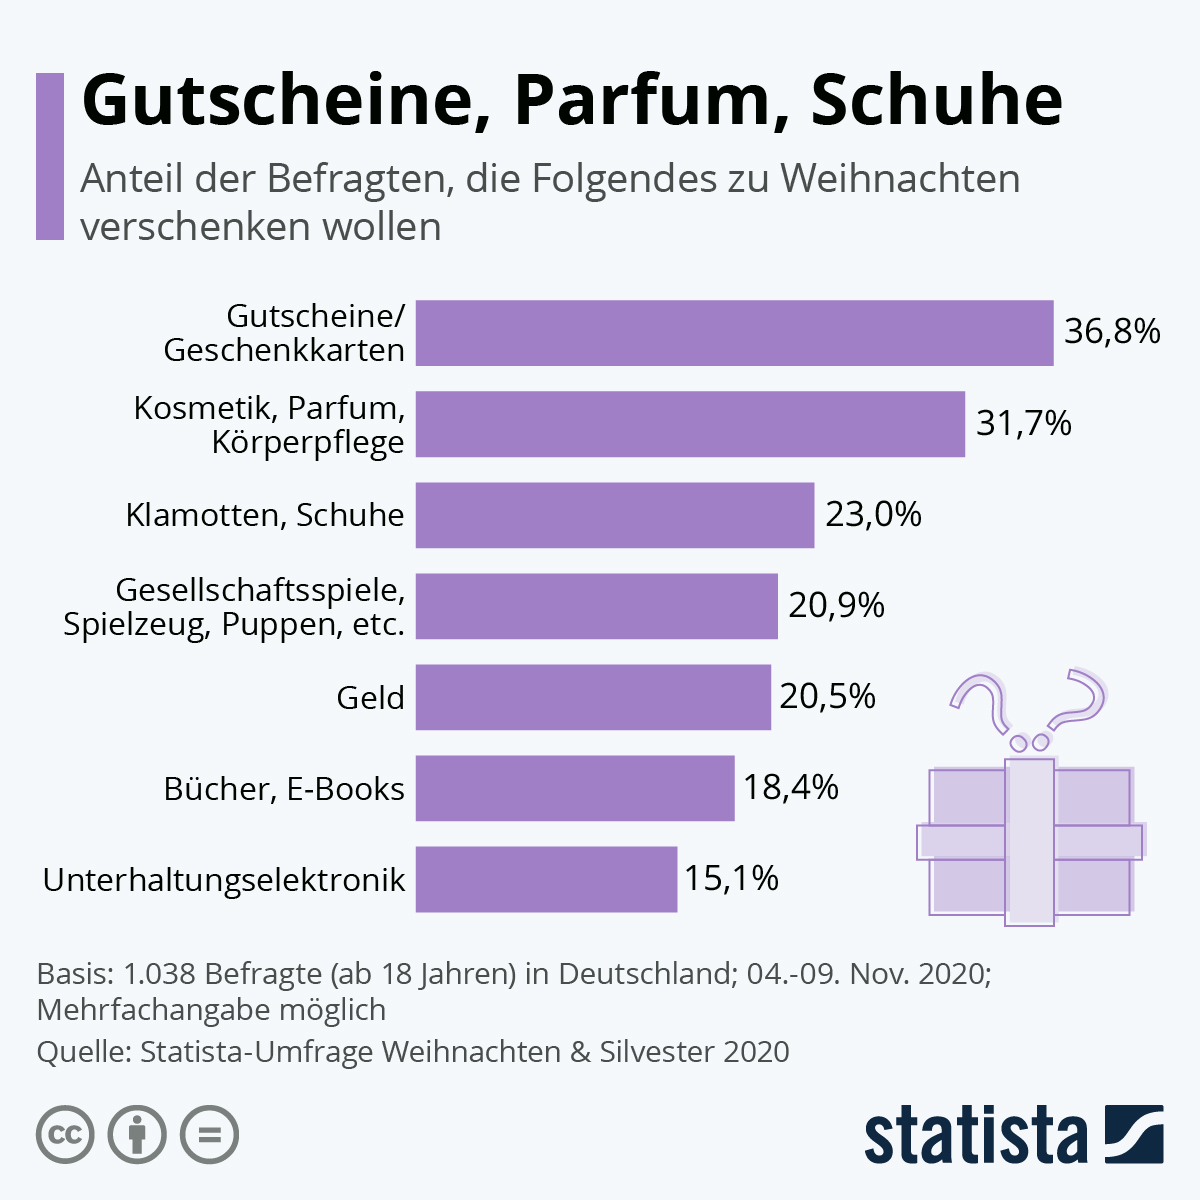 Infografik: Gutscheine, Parfum, Schuhe | Statista